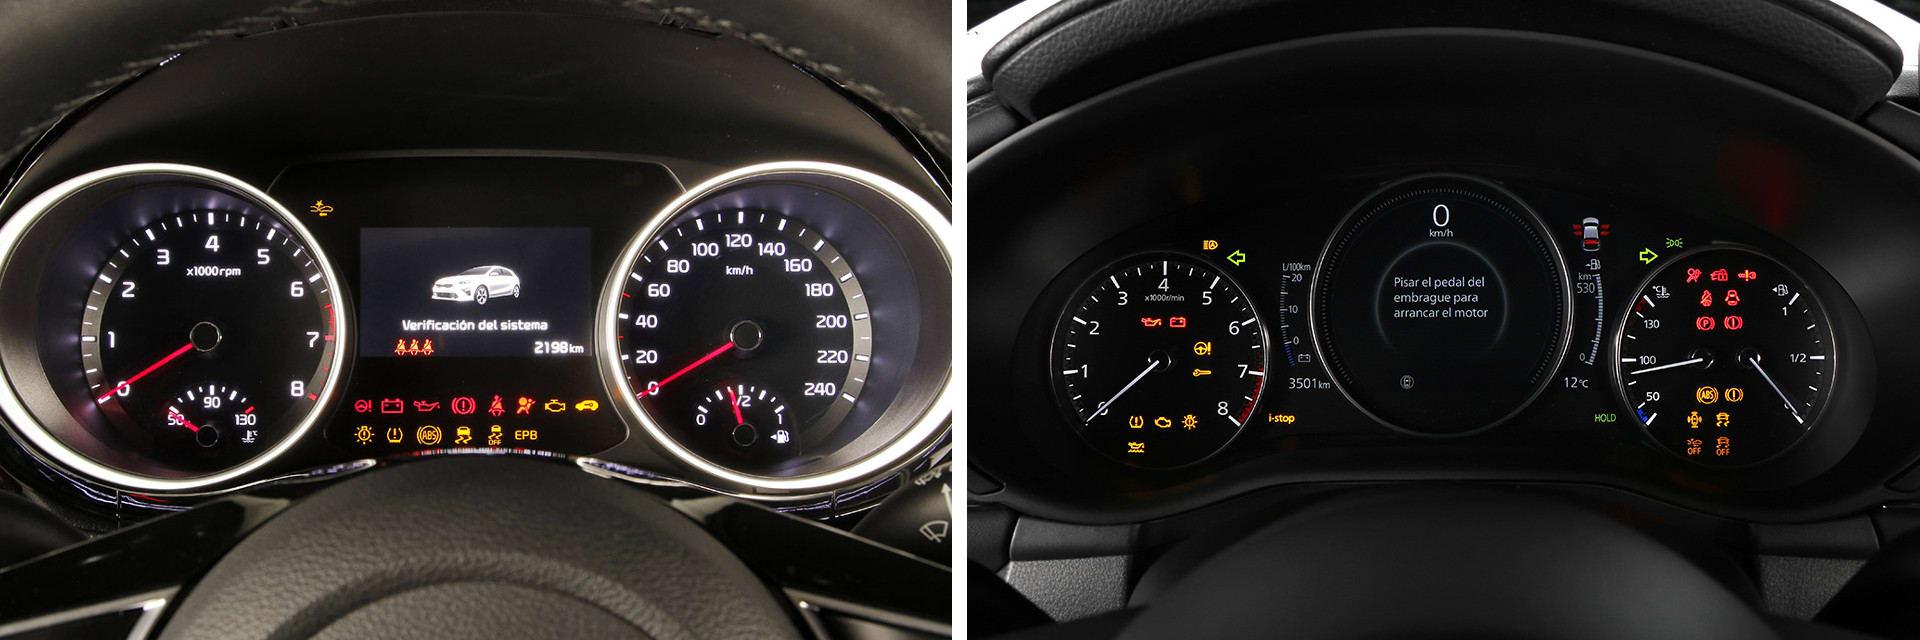 Las instrumentaciones de los dos vehículos son similares: dos esferas en los laterales y el ordenador de a bordo en el centro.